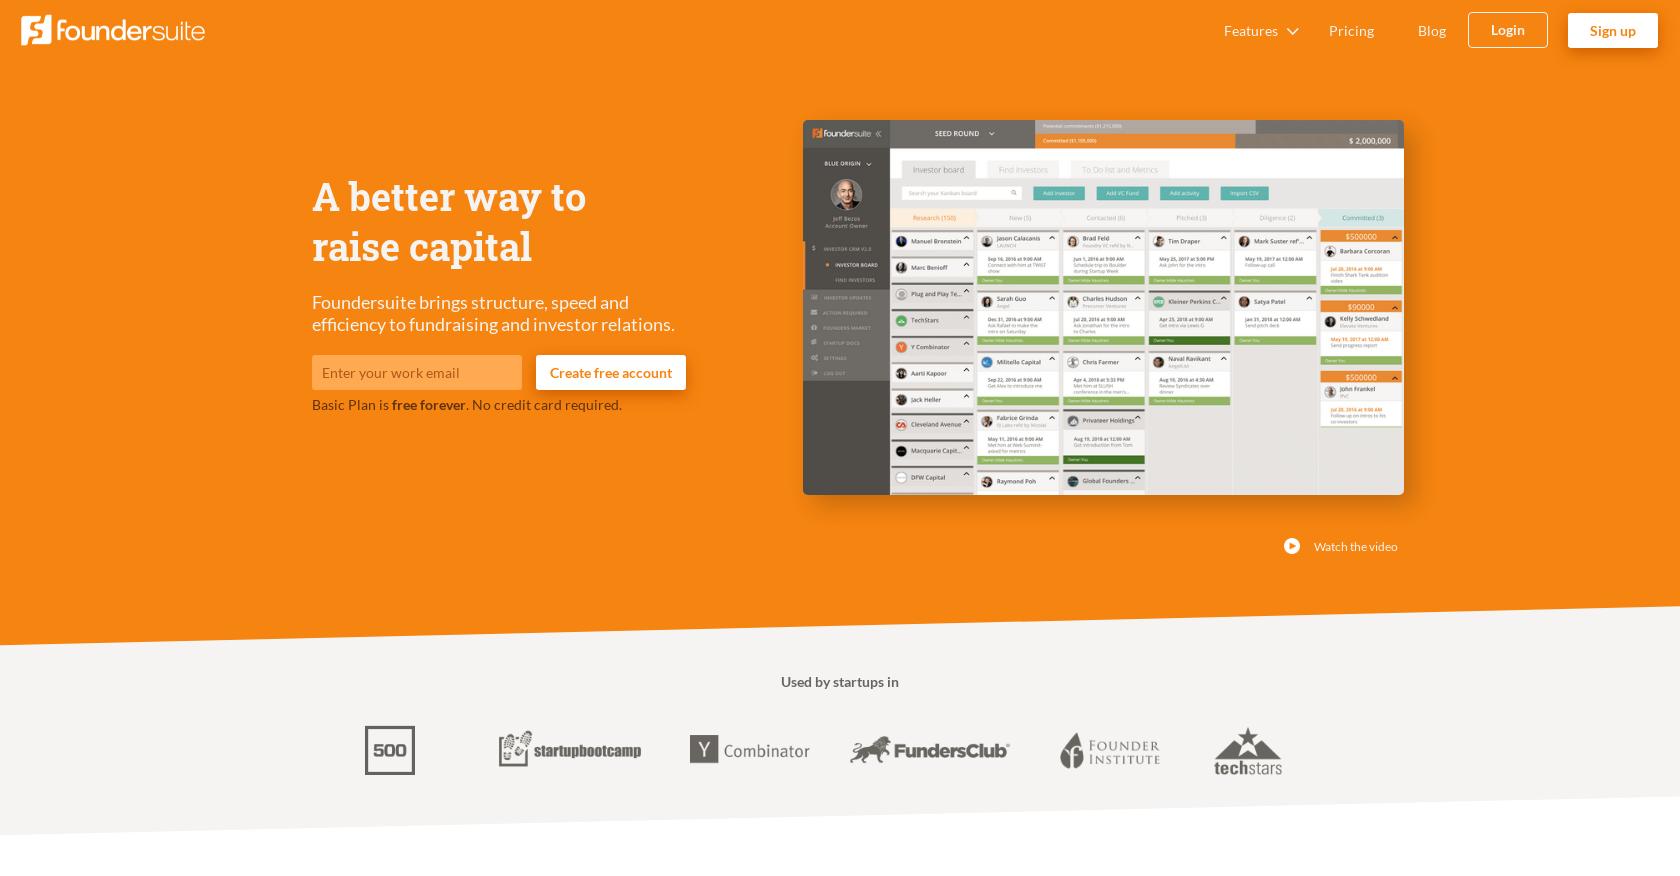 foundersuite.com